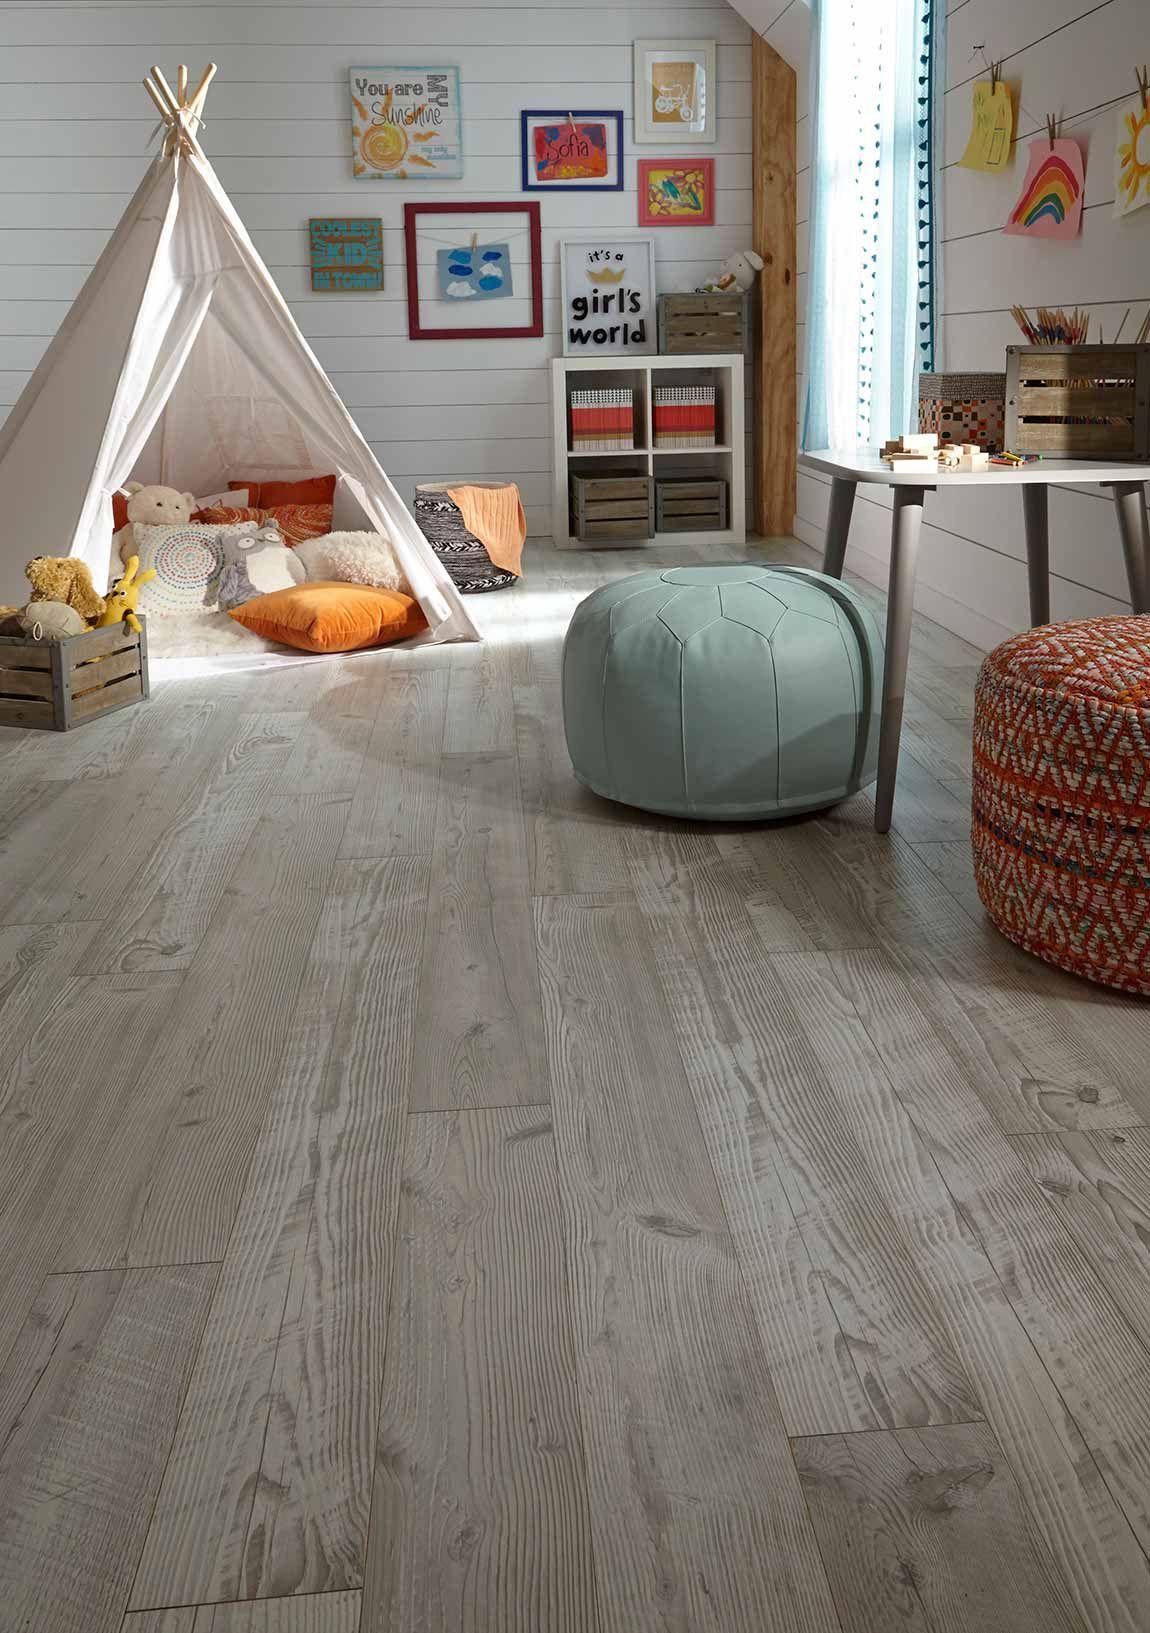 BedroomModern ContemporaryWood Look Flooring, Best